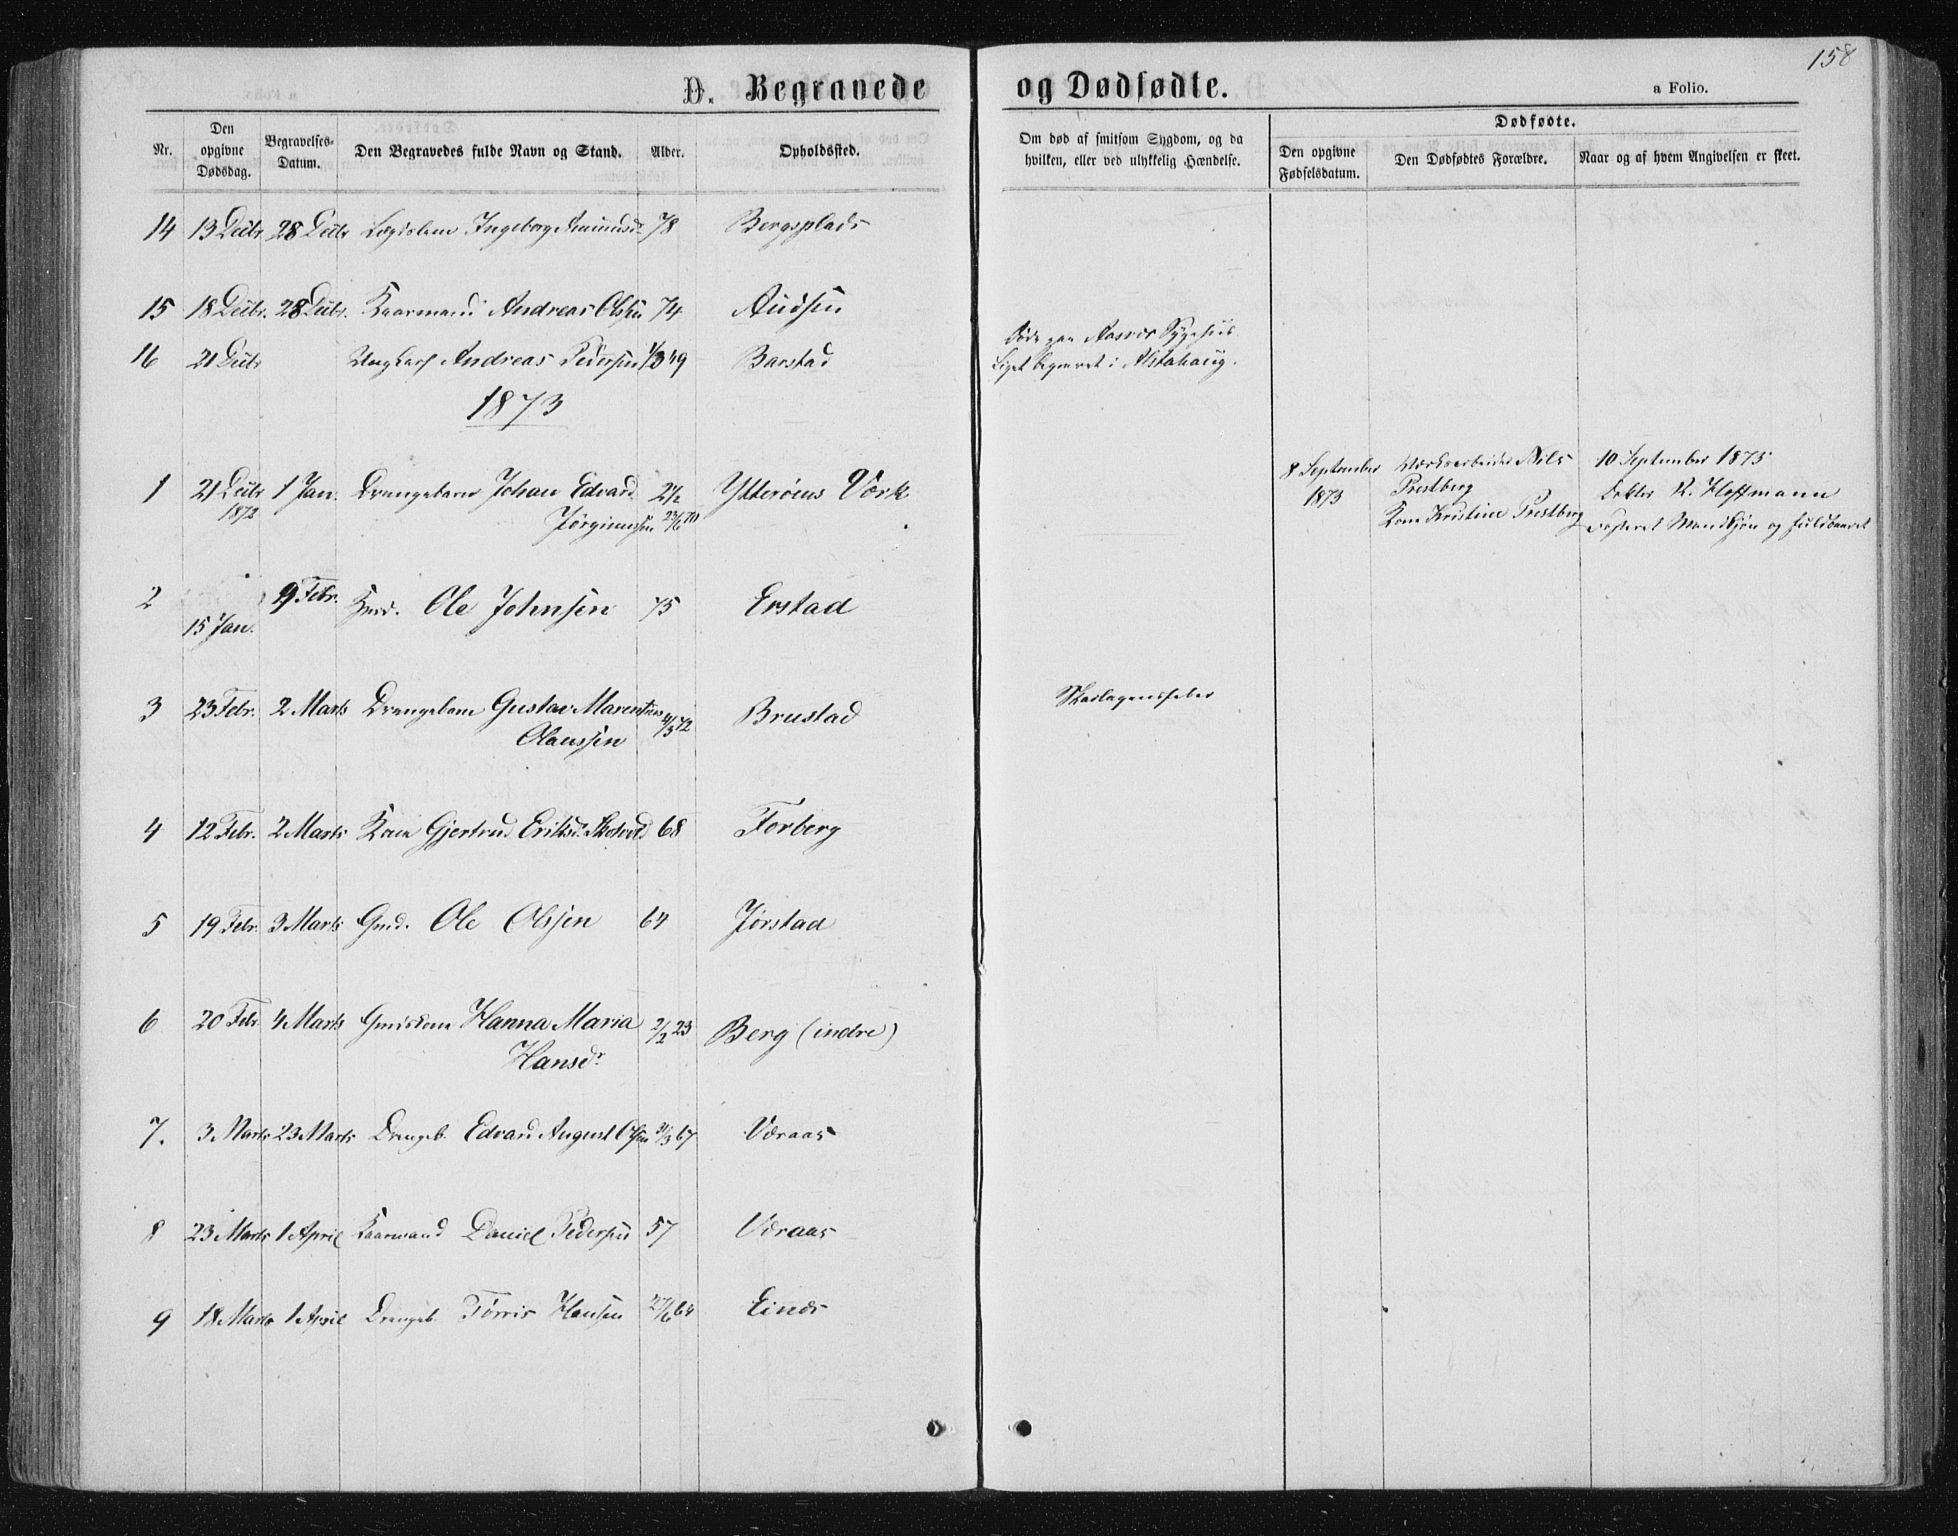 SAT, Ministerialprotokoller, klokkerbøker og fødselsregistre - Nord-Trøndelag, 722/L0219: Ministerialbok nr. 722A06, 1868-1880, s. 158